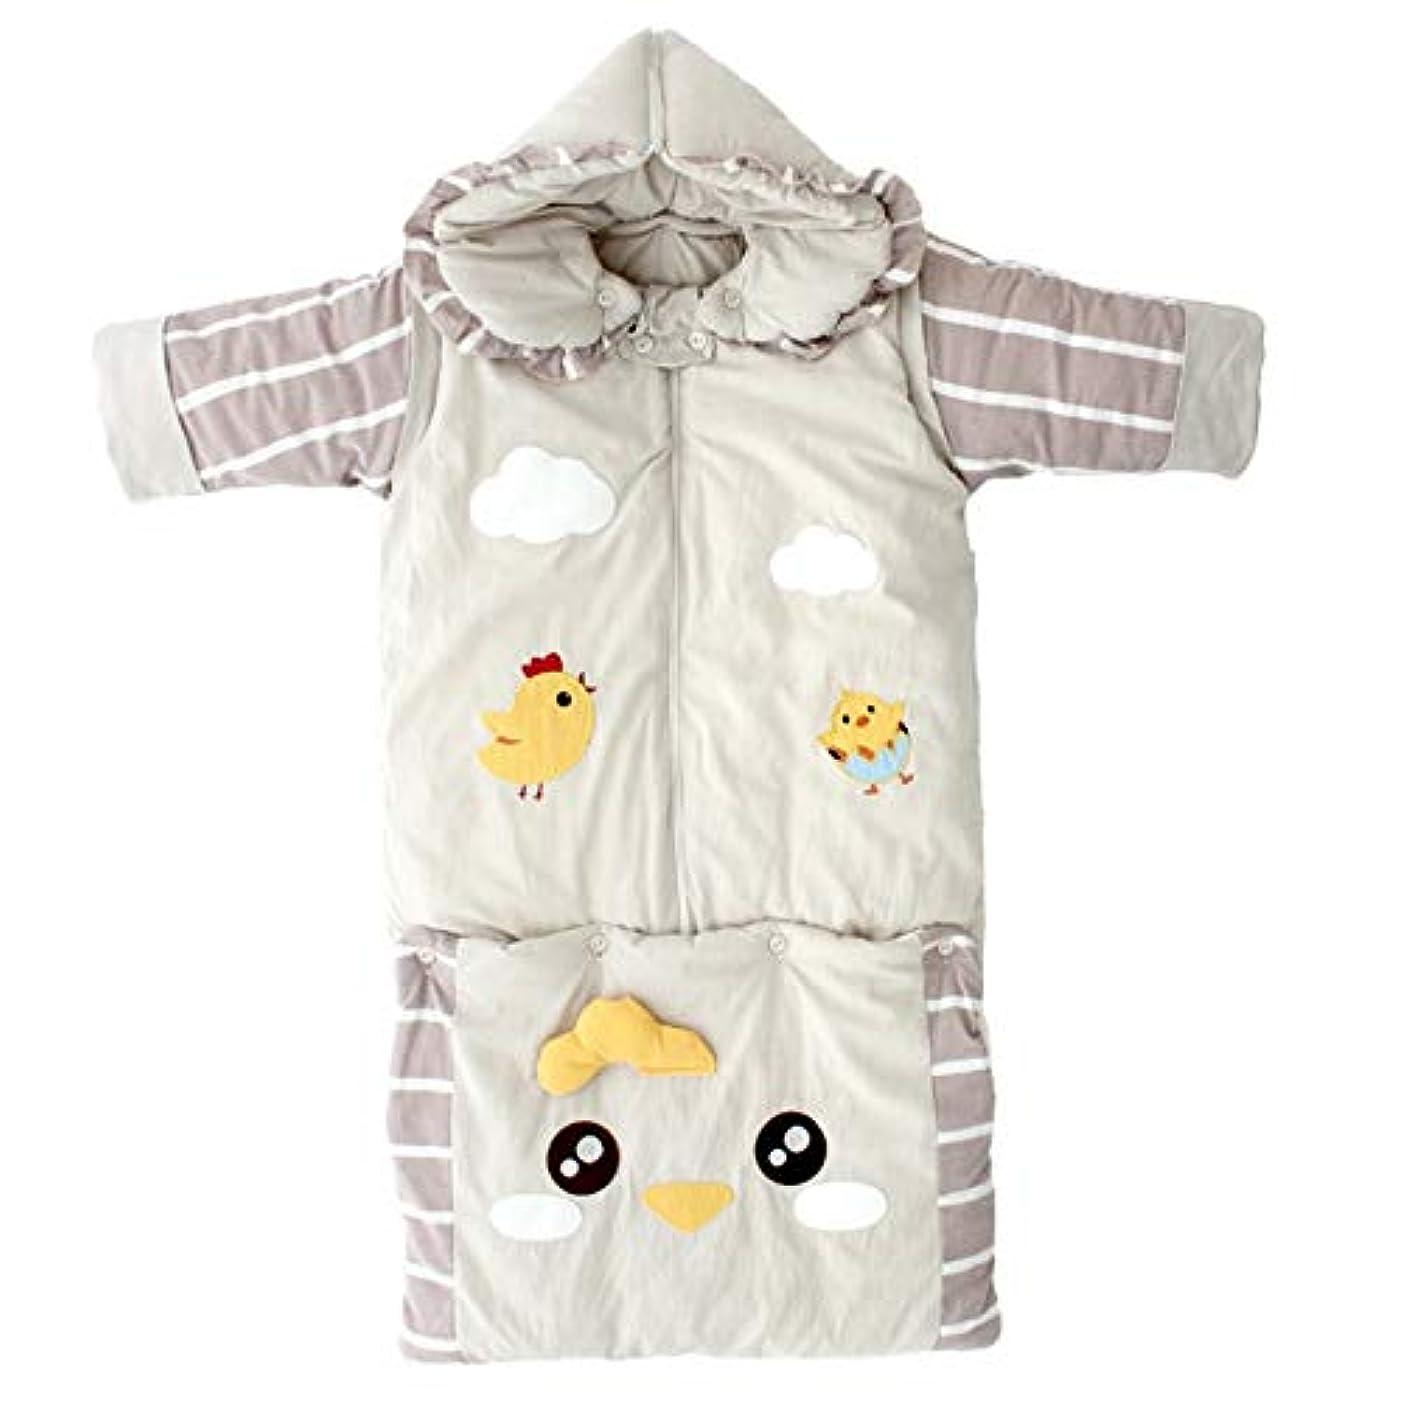 ブランドシミュレートする心のこもったベビー寝袋 赤ちゃん寝袋の赤ちゃんの毛布の足暖かく、快適な冬の足は柔らかく、通気性の赤ん坊の幼児の子供厚い毛布を着用します 新生児睡眠カプセル (色 : グレー)